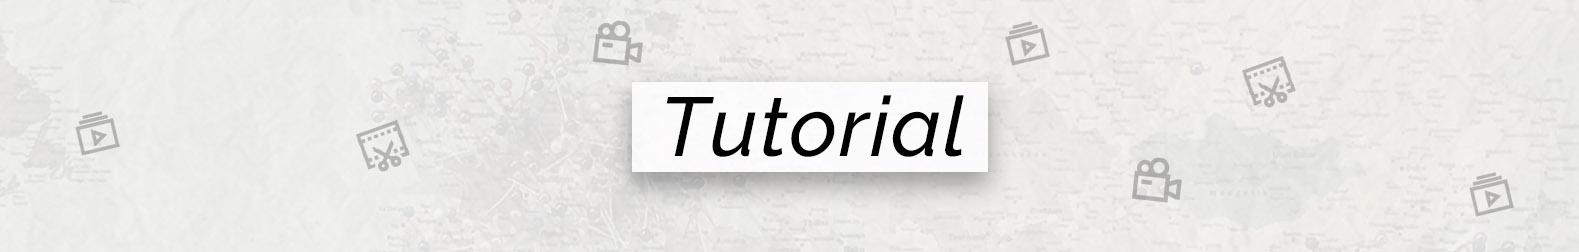 tutorial banner.jpg